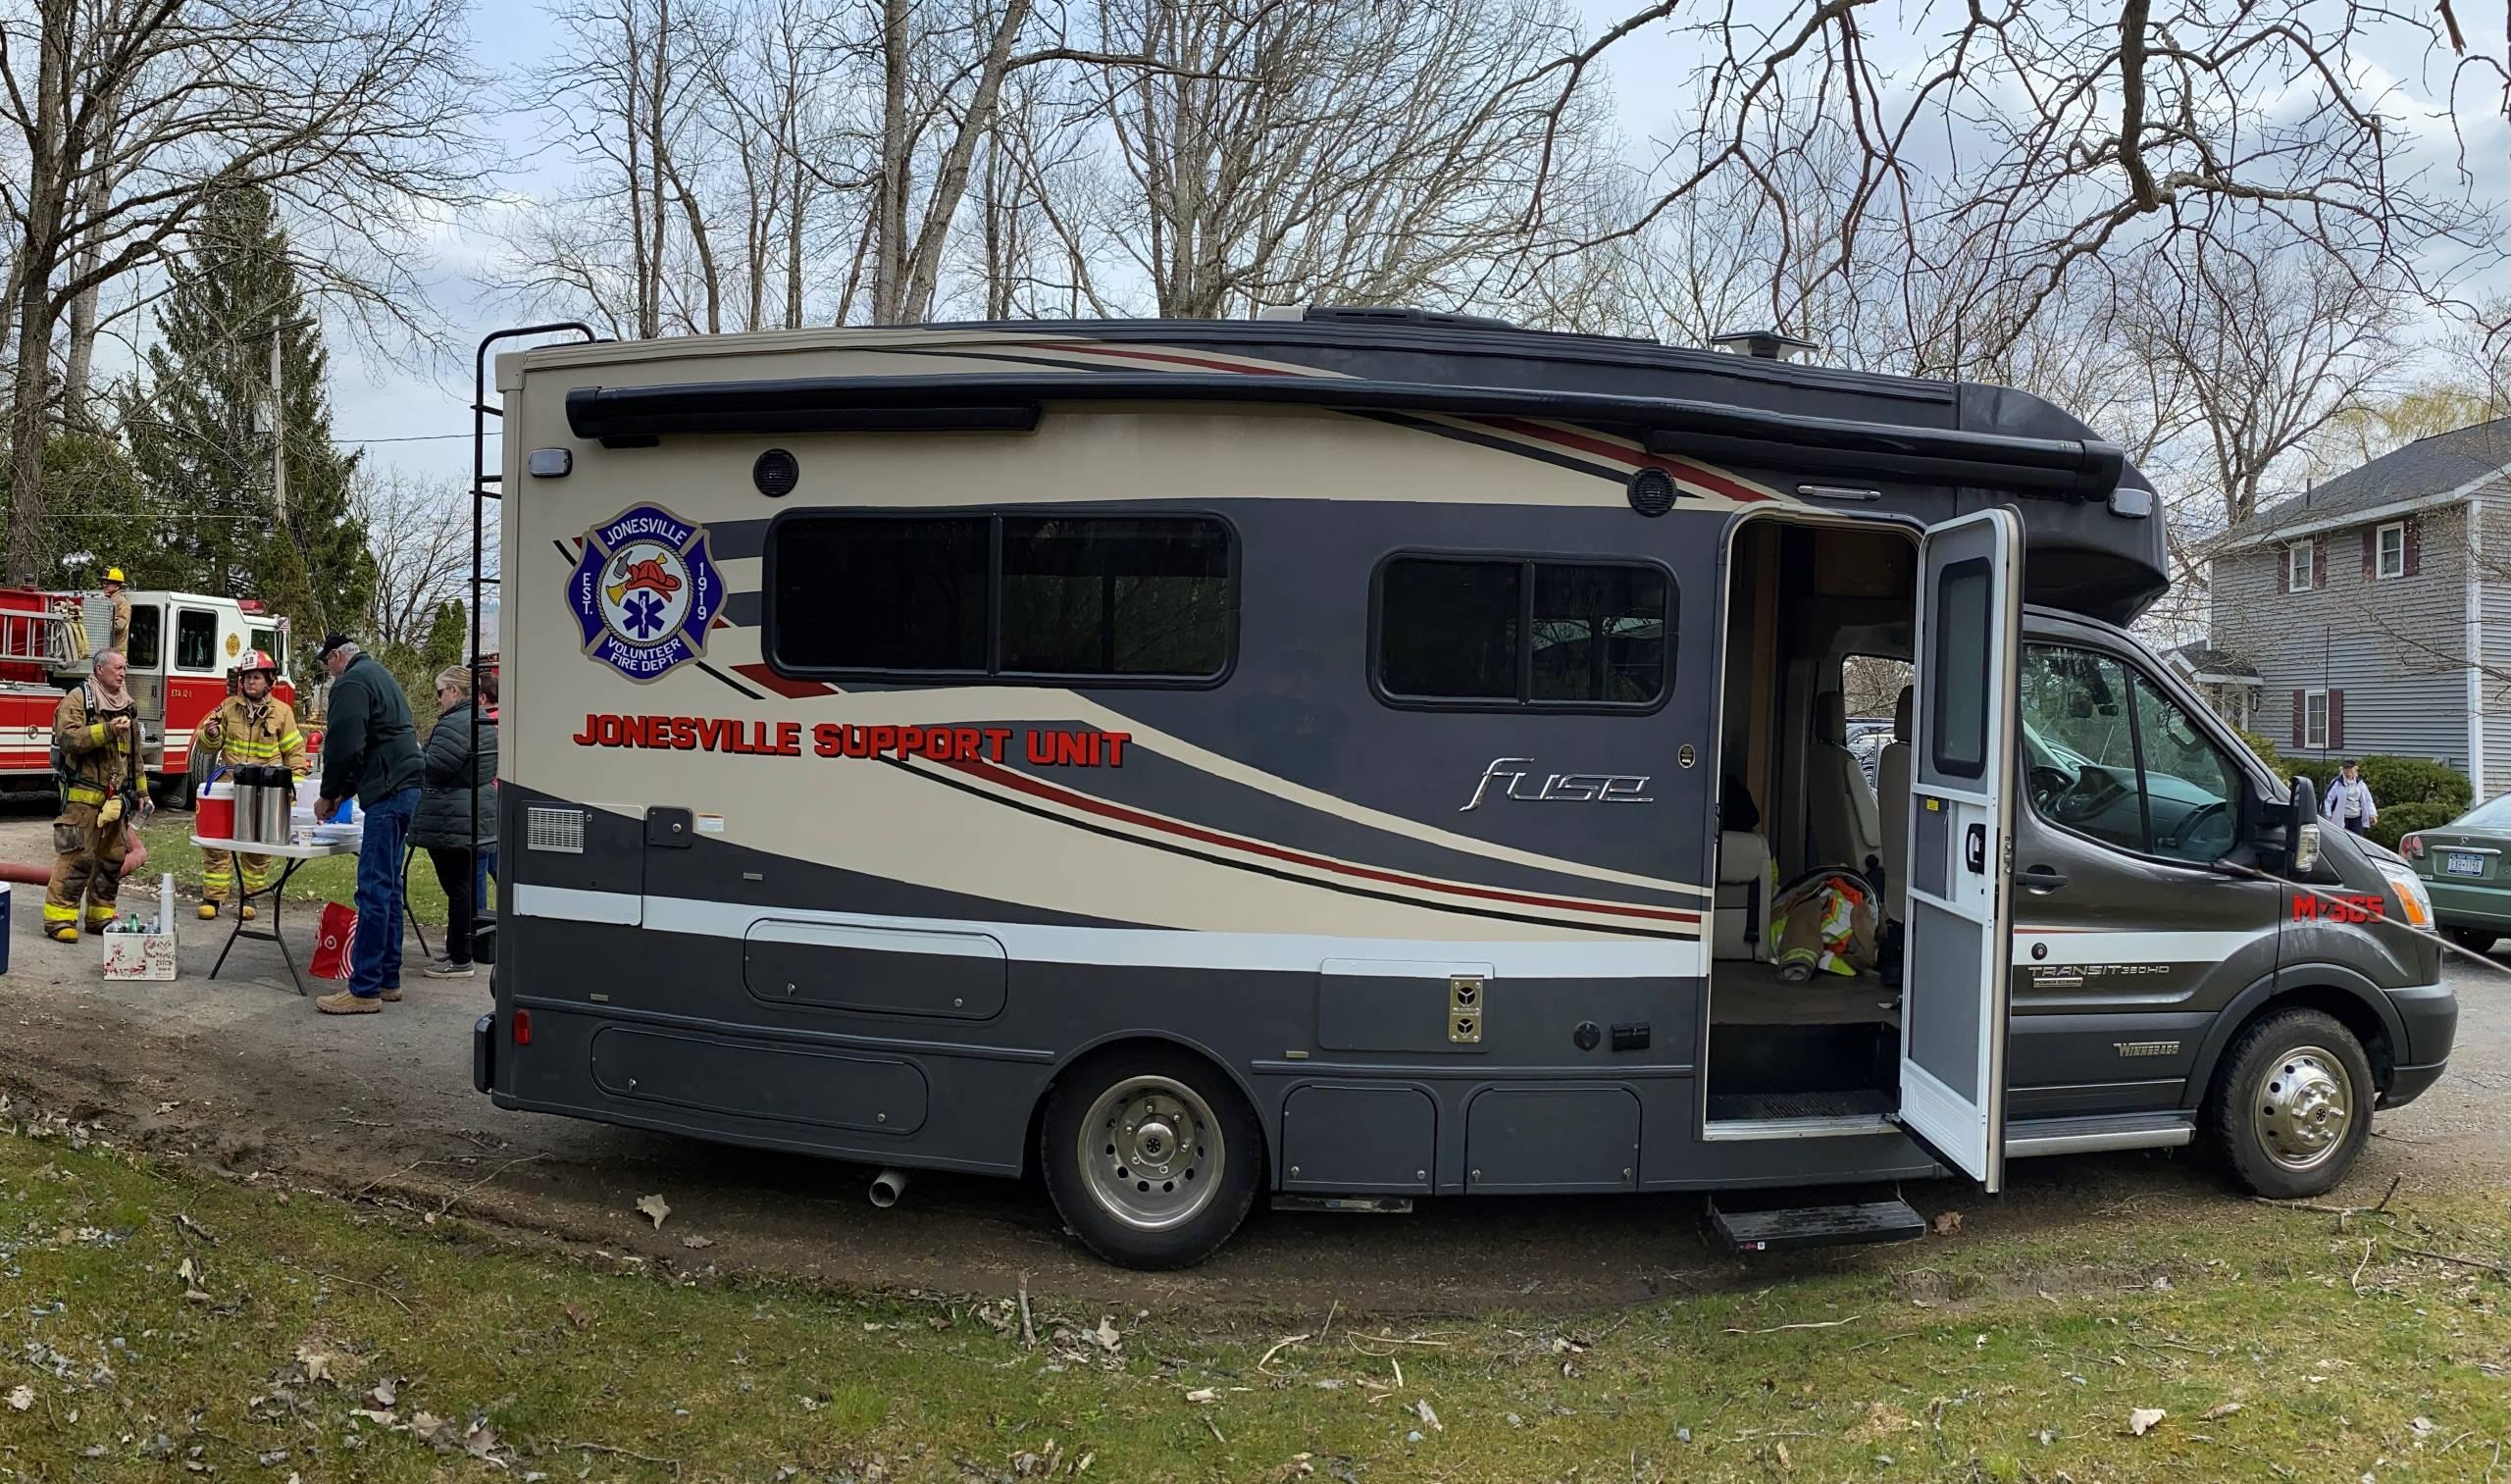 Jonesville FD M365 Rehab Vehicle at Fire Scene